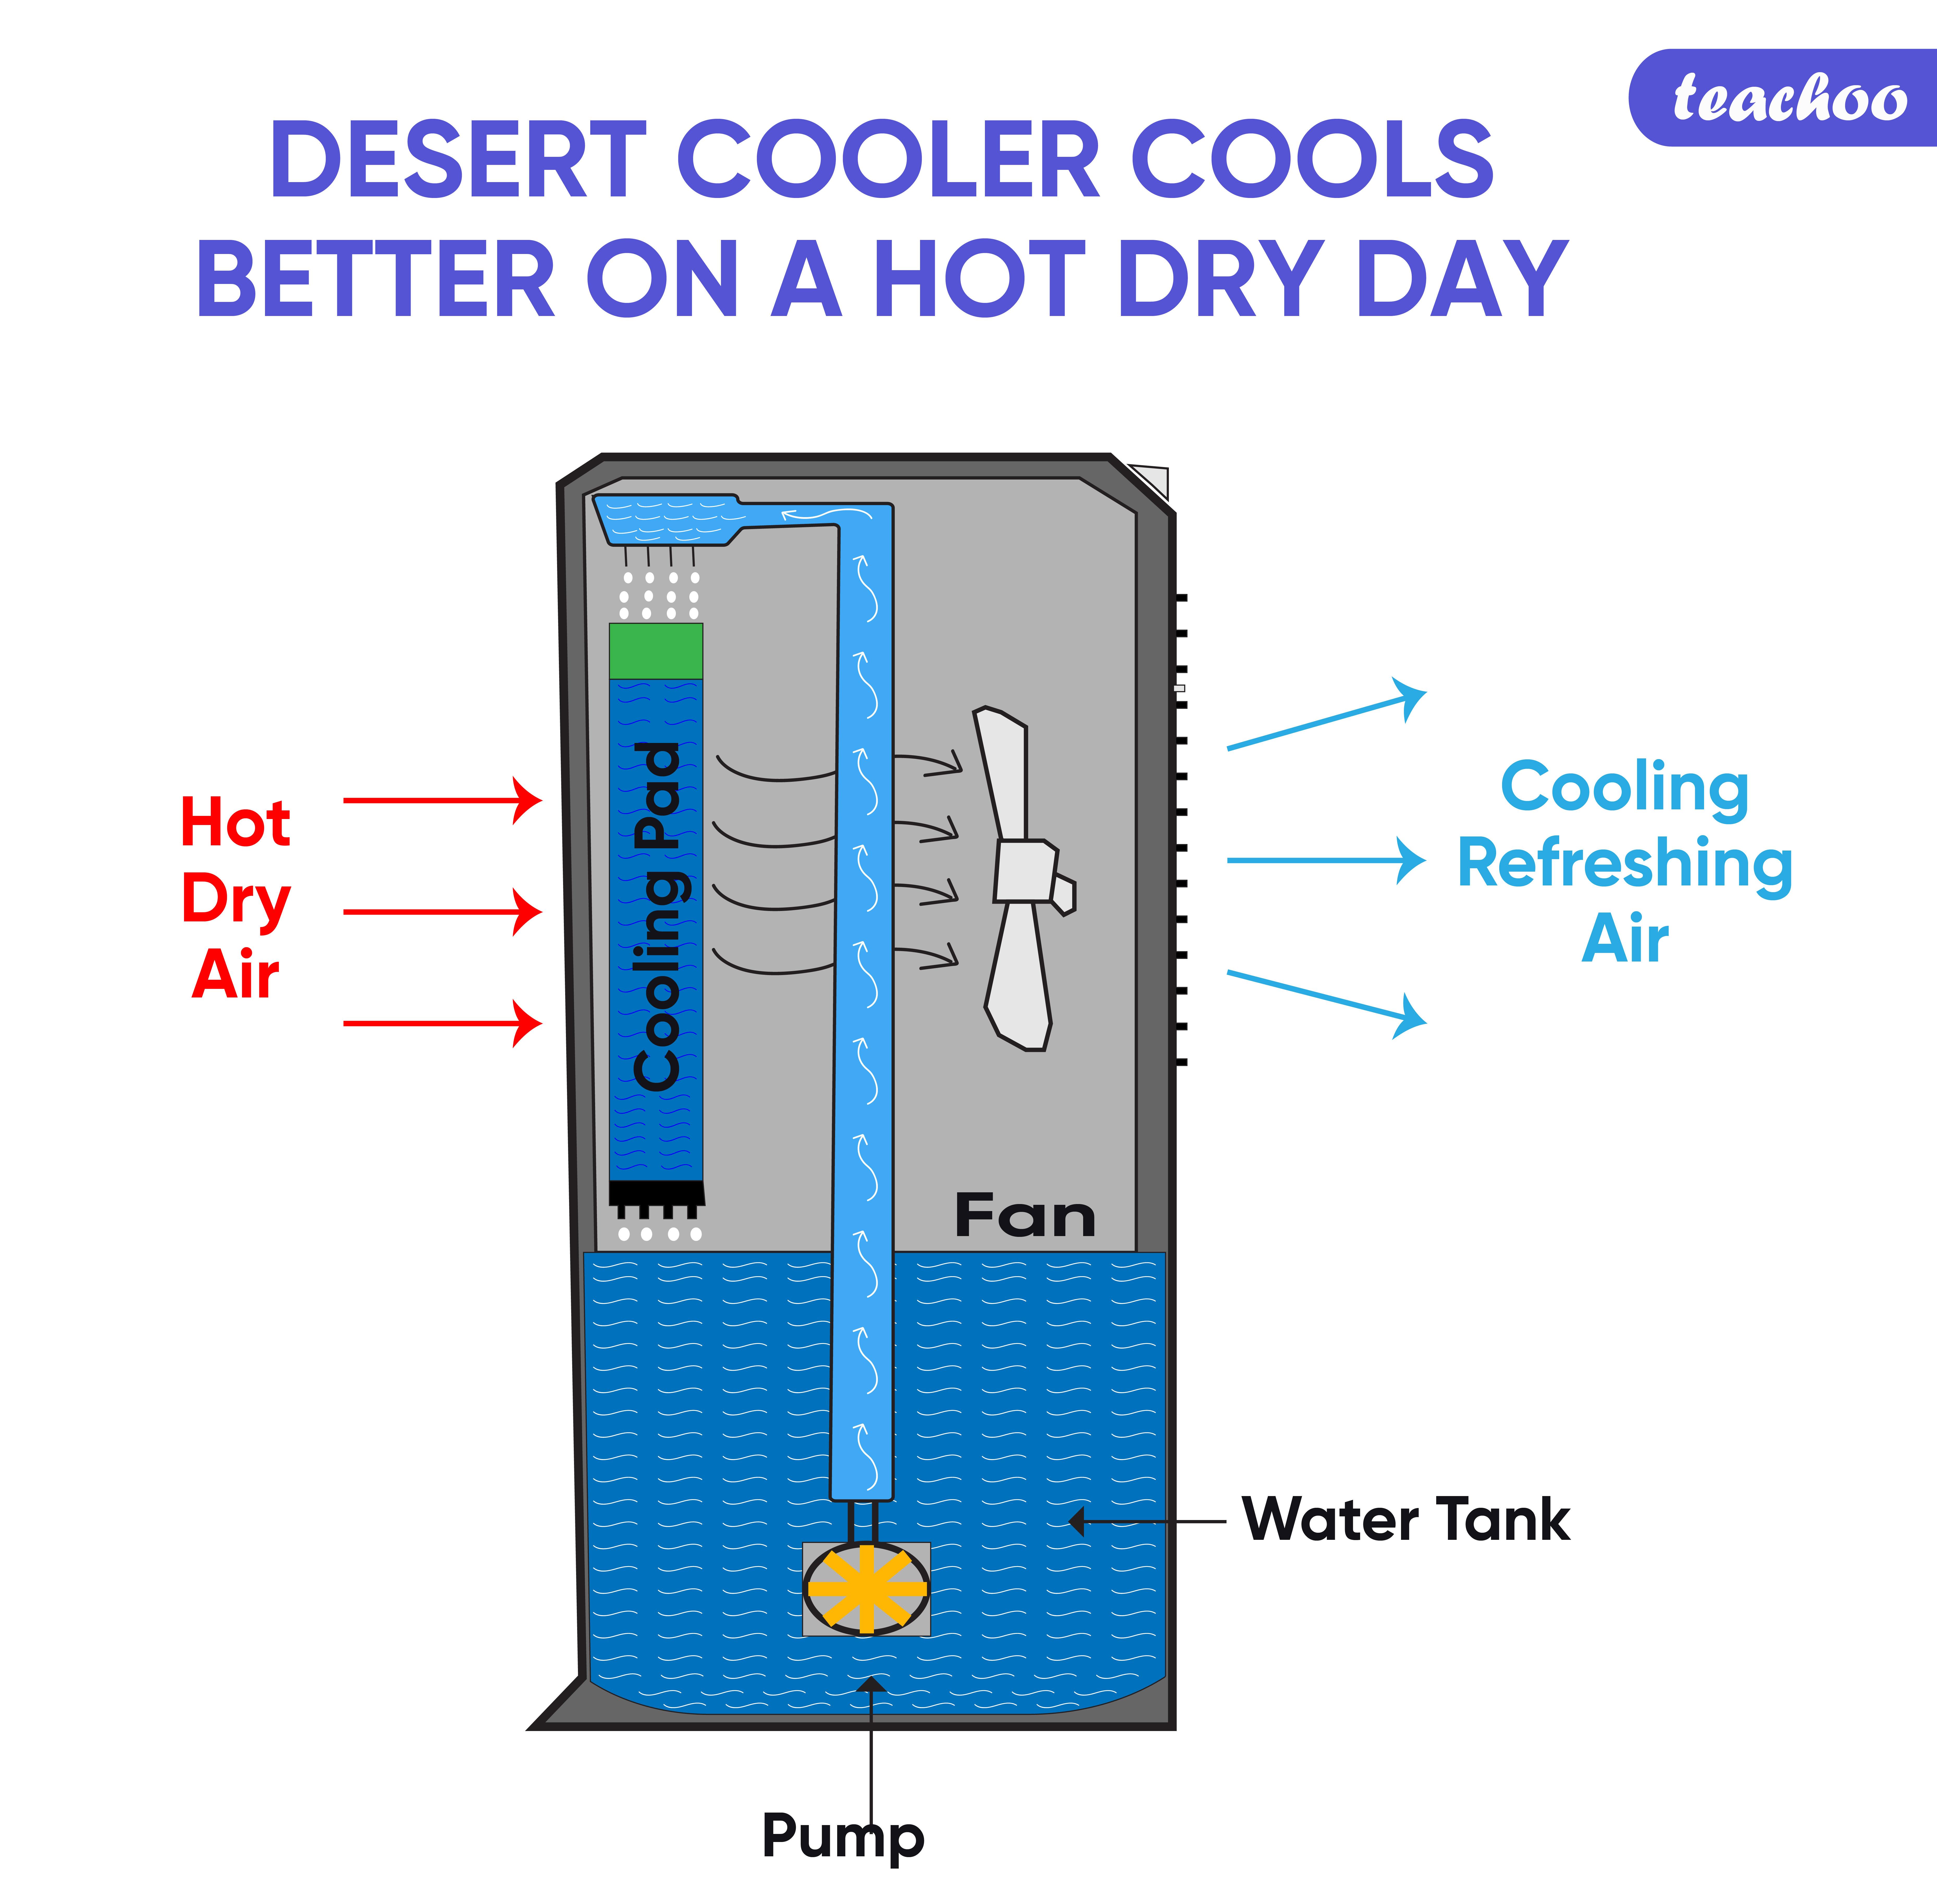 Desert cooler cools better on a hot dry day-Teachoo-01-01.jpg